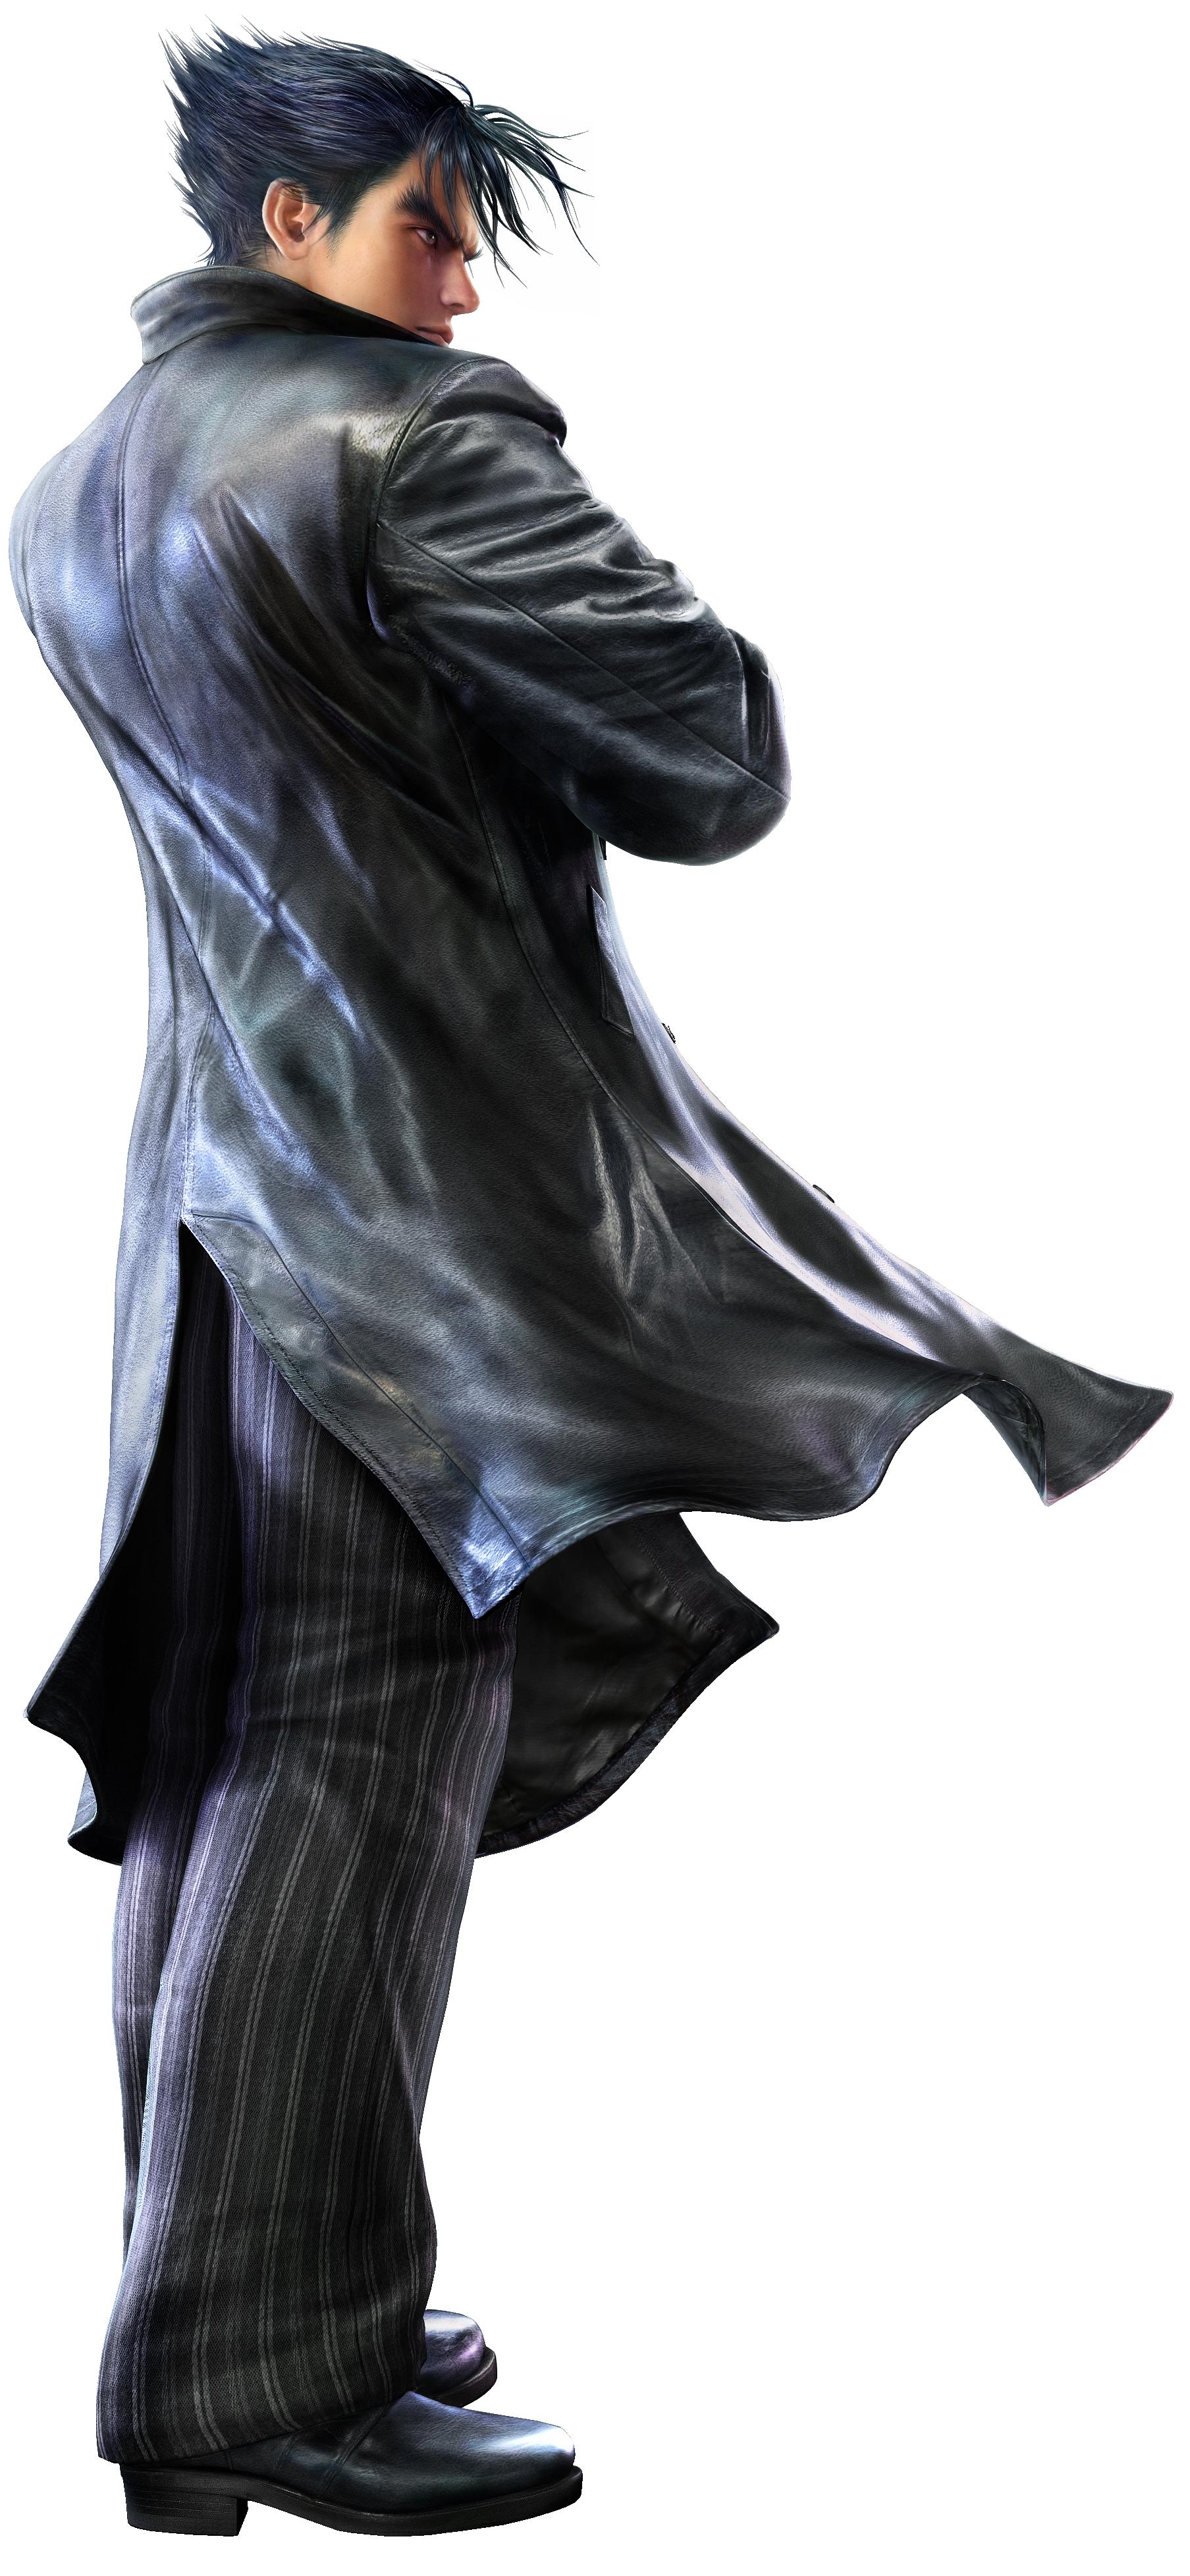 Jin Kazama from Tekken jin kazama Pinterest Jin kazama Gaming